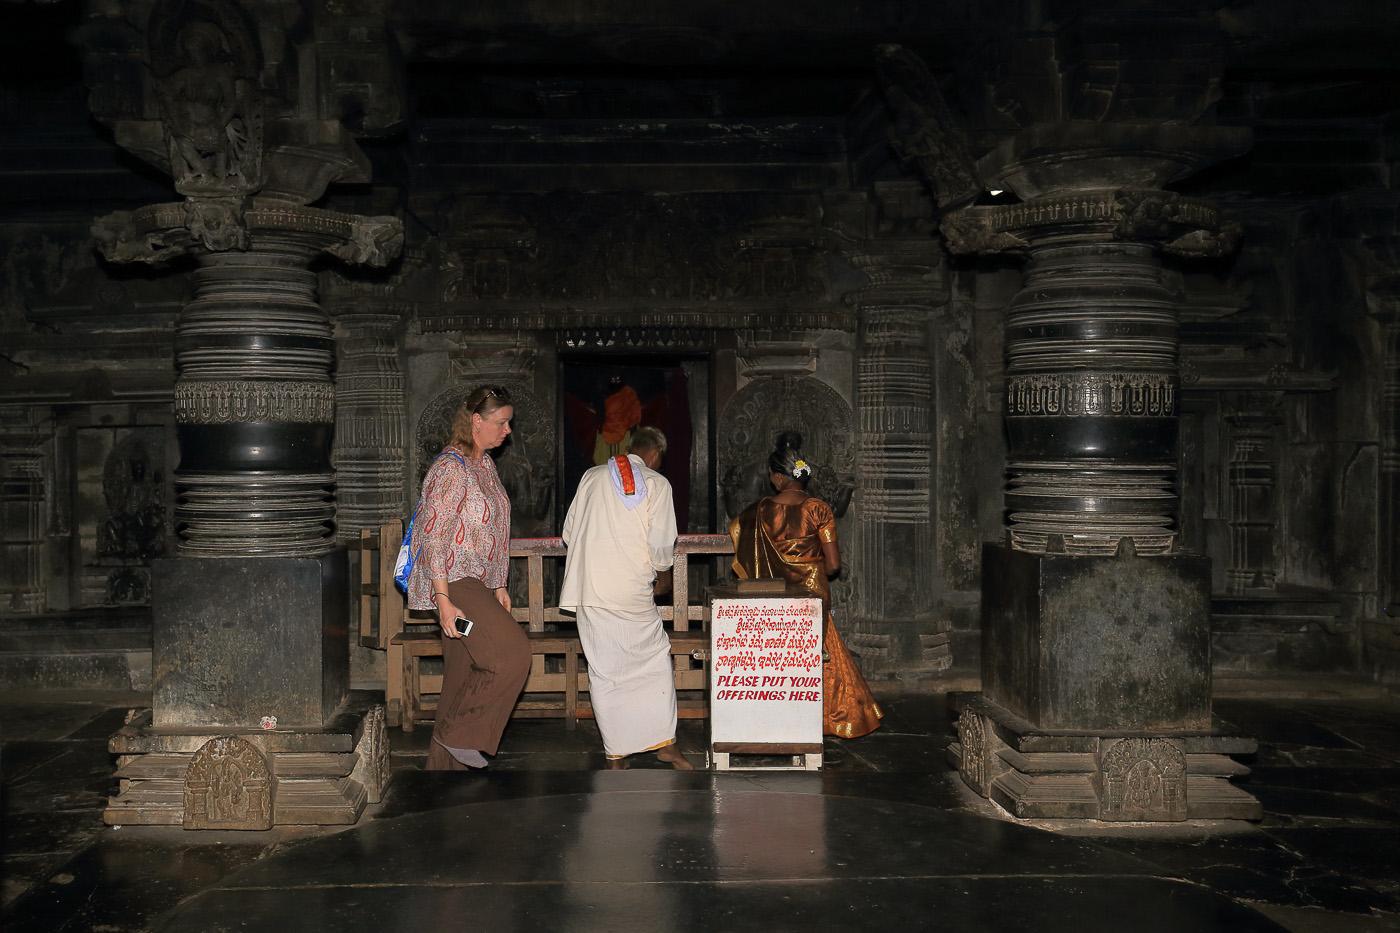 Фото №18. Chennakesava Temple. Алтарь и площадка для танцовщиц (девадаси). Куда поехать в Карнатаке. Отзывы об экскурсии в город Белур. Путешествие по Индии. 1/60, 0 eV, f 10, 32mm, ISO 800, вспышка.